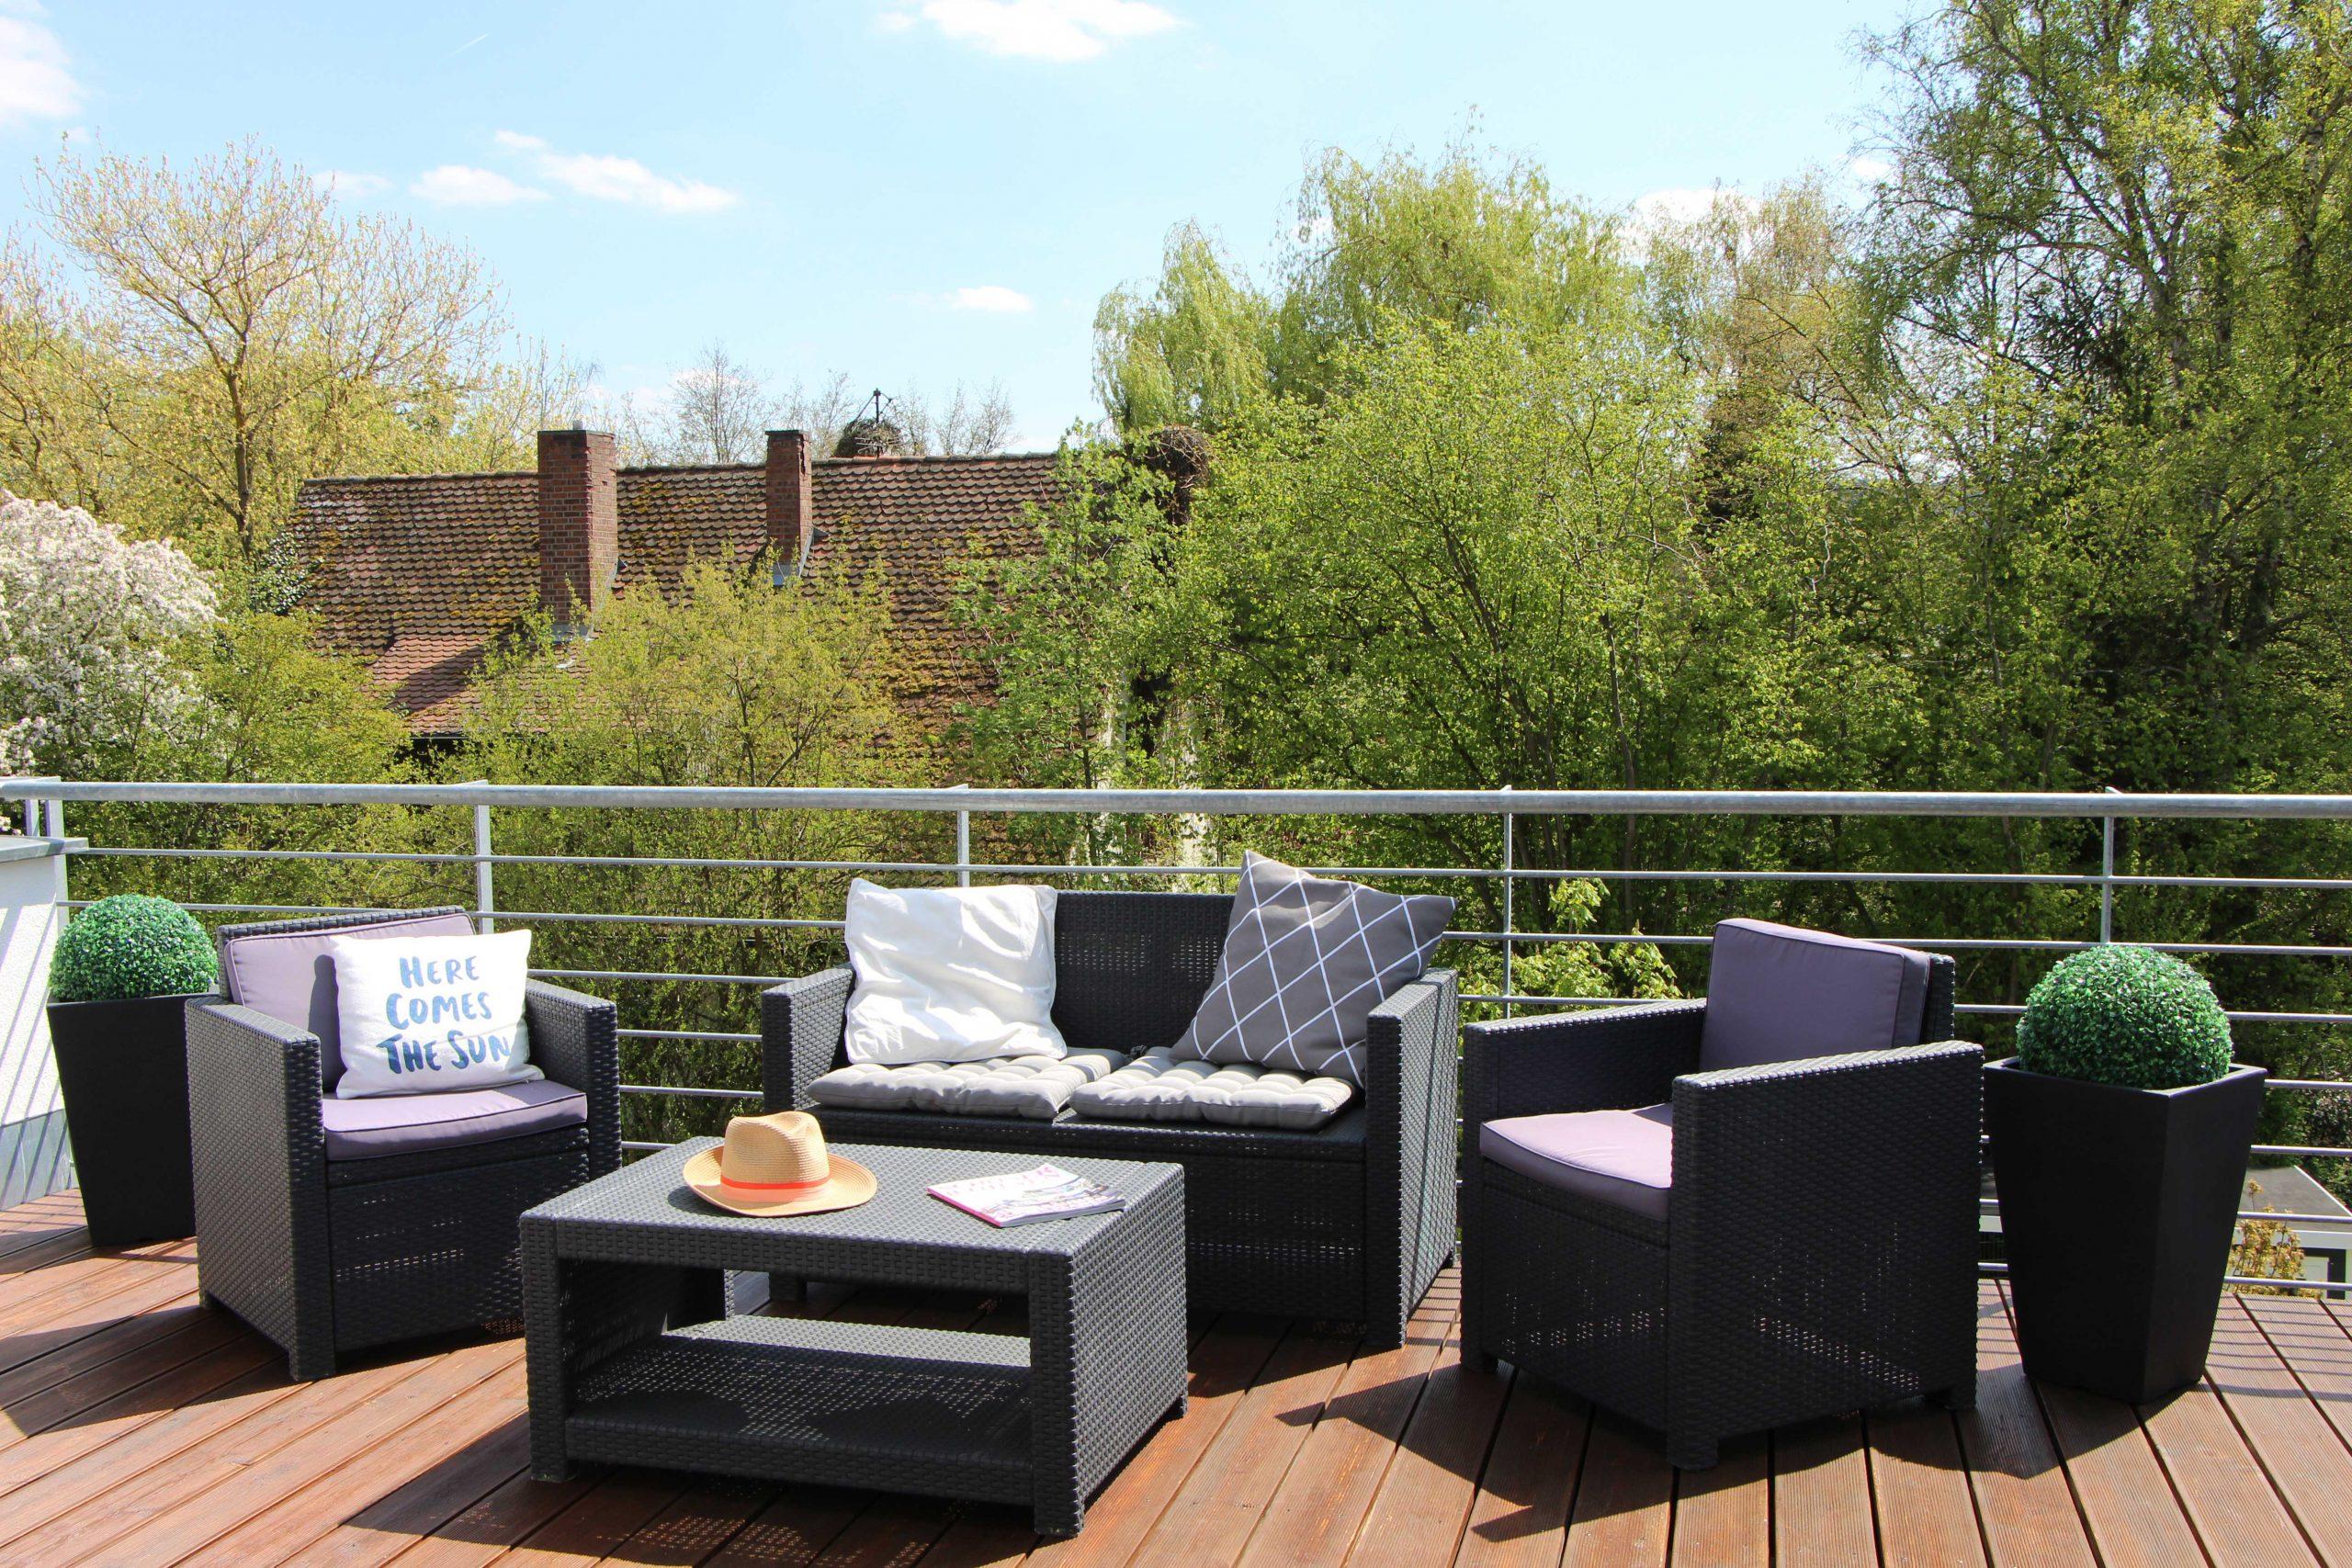 Full Size of Loungemöbel Balkon Loungembel Wohnmadamede Garten Günstig Holz Wohnzimmer Loungemöbel Balkon